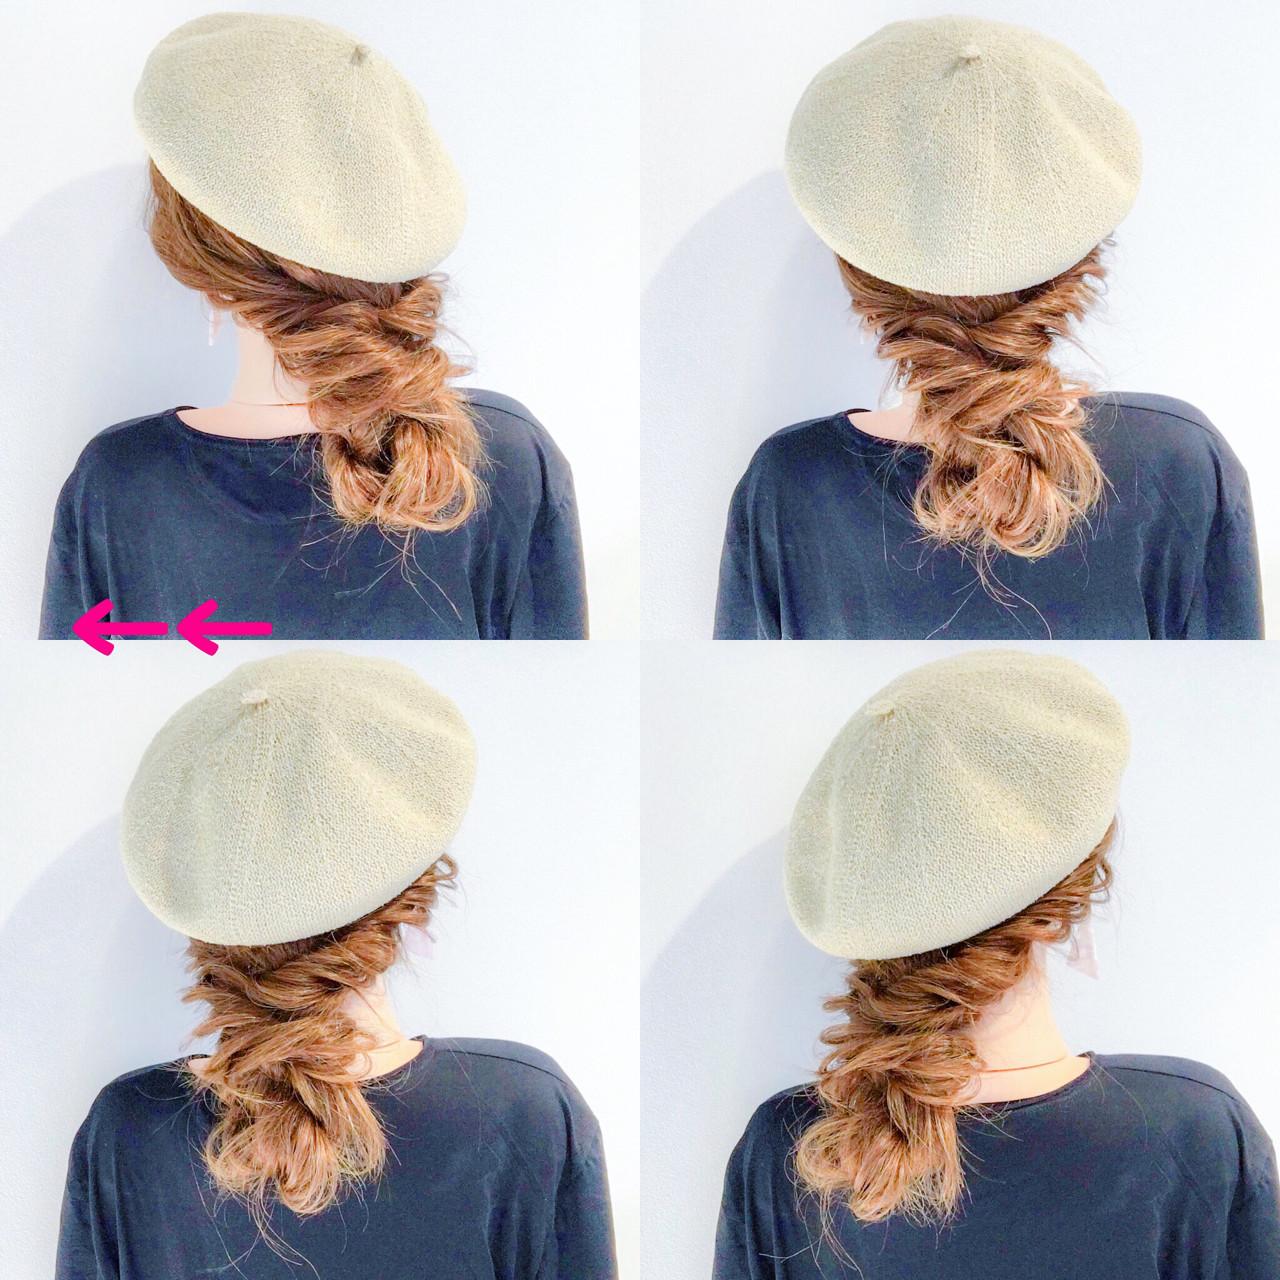 ベレー帽はガーリーでオシャレな印象に 美容師 HIRO